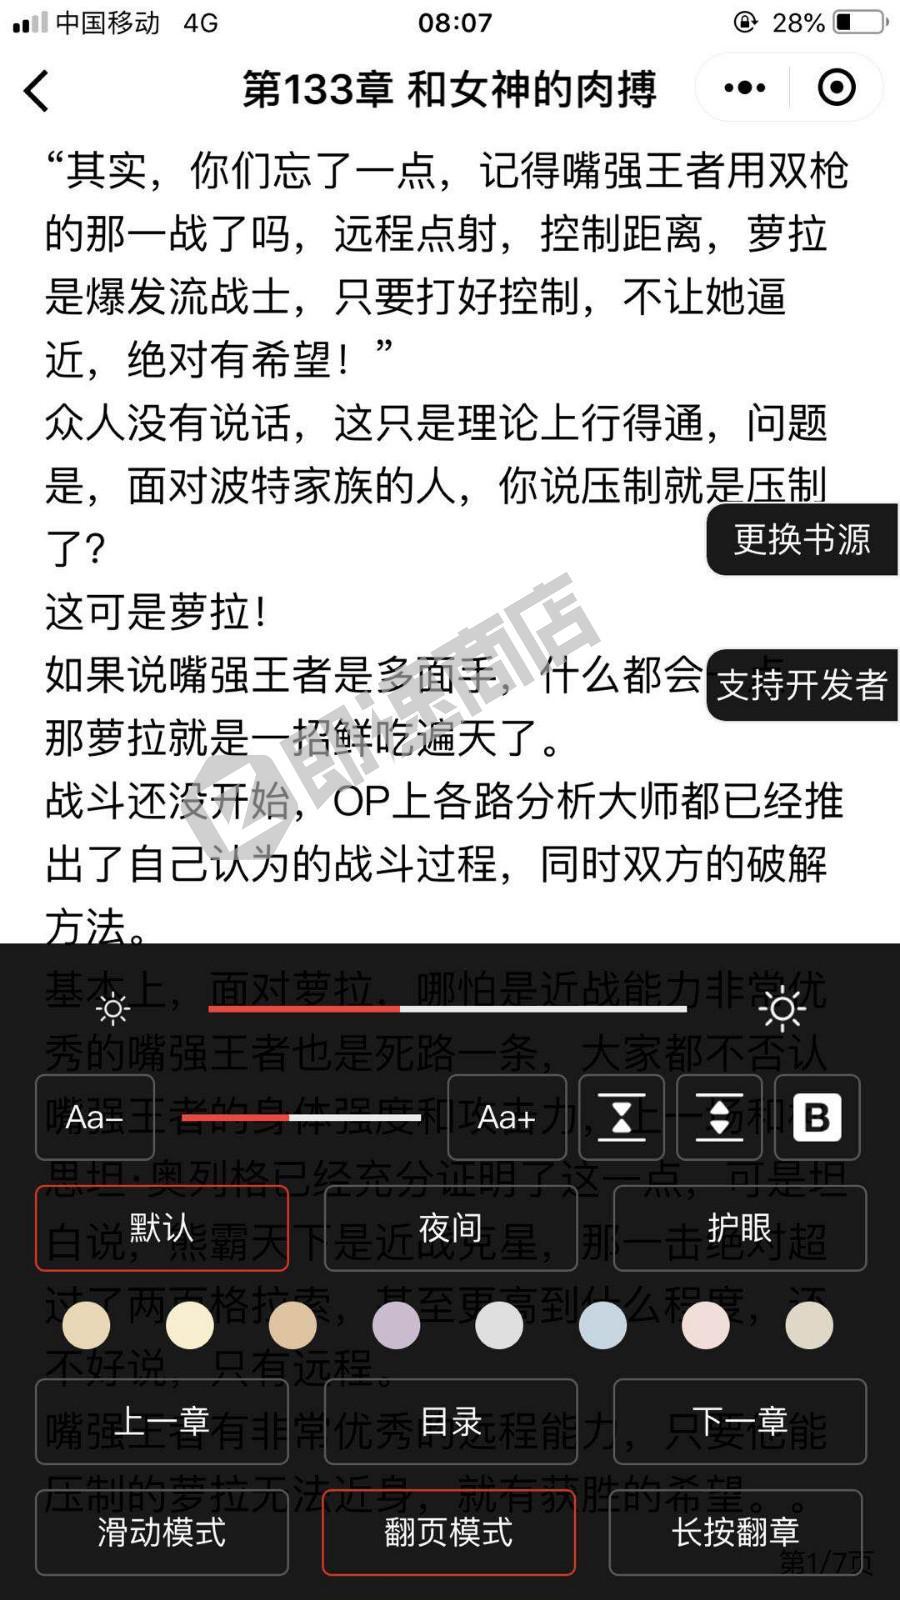 丁冬小说小程序详情页截图2